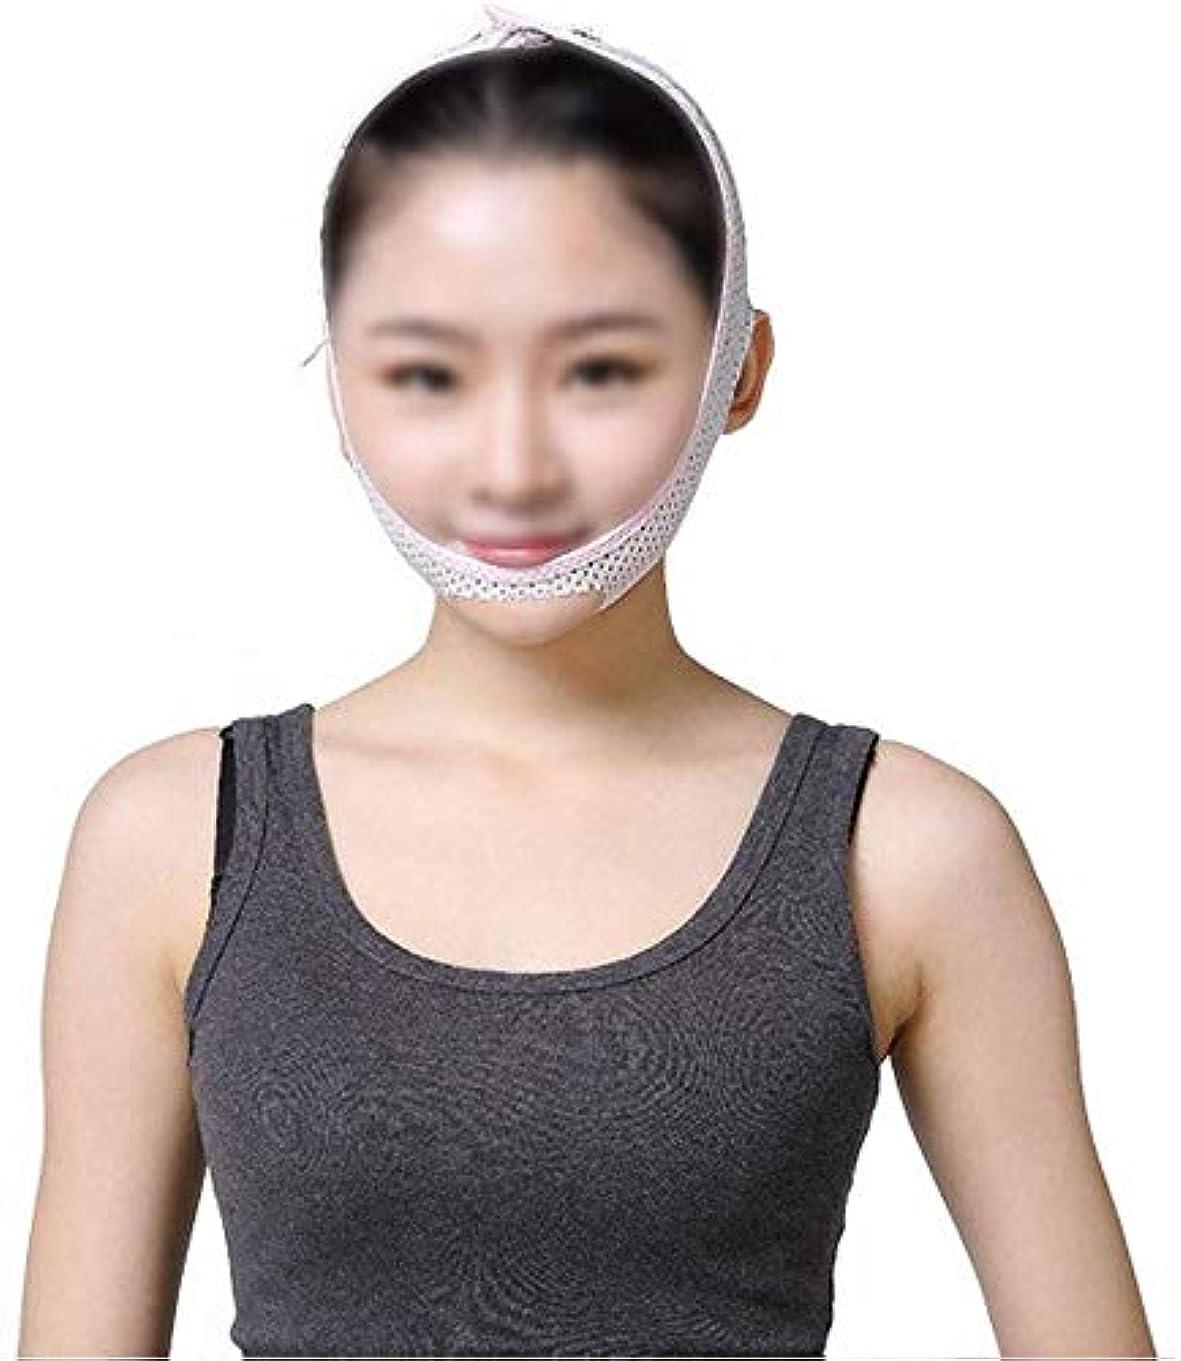 前モールス信号想起美容と実用的なフェイスリフティングマスク、快適で リフティングスキンファーミングスリープシンフェイスアーティファクトアンチリンクル/リムーブダブルチン/術後回復マスク